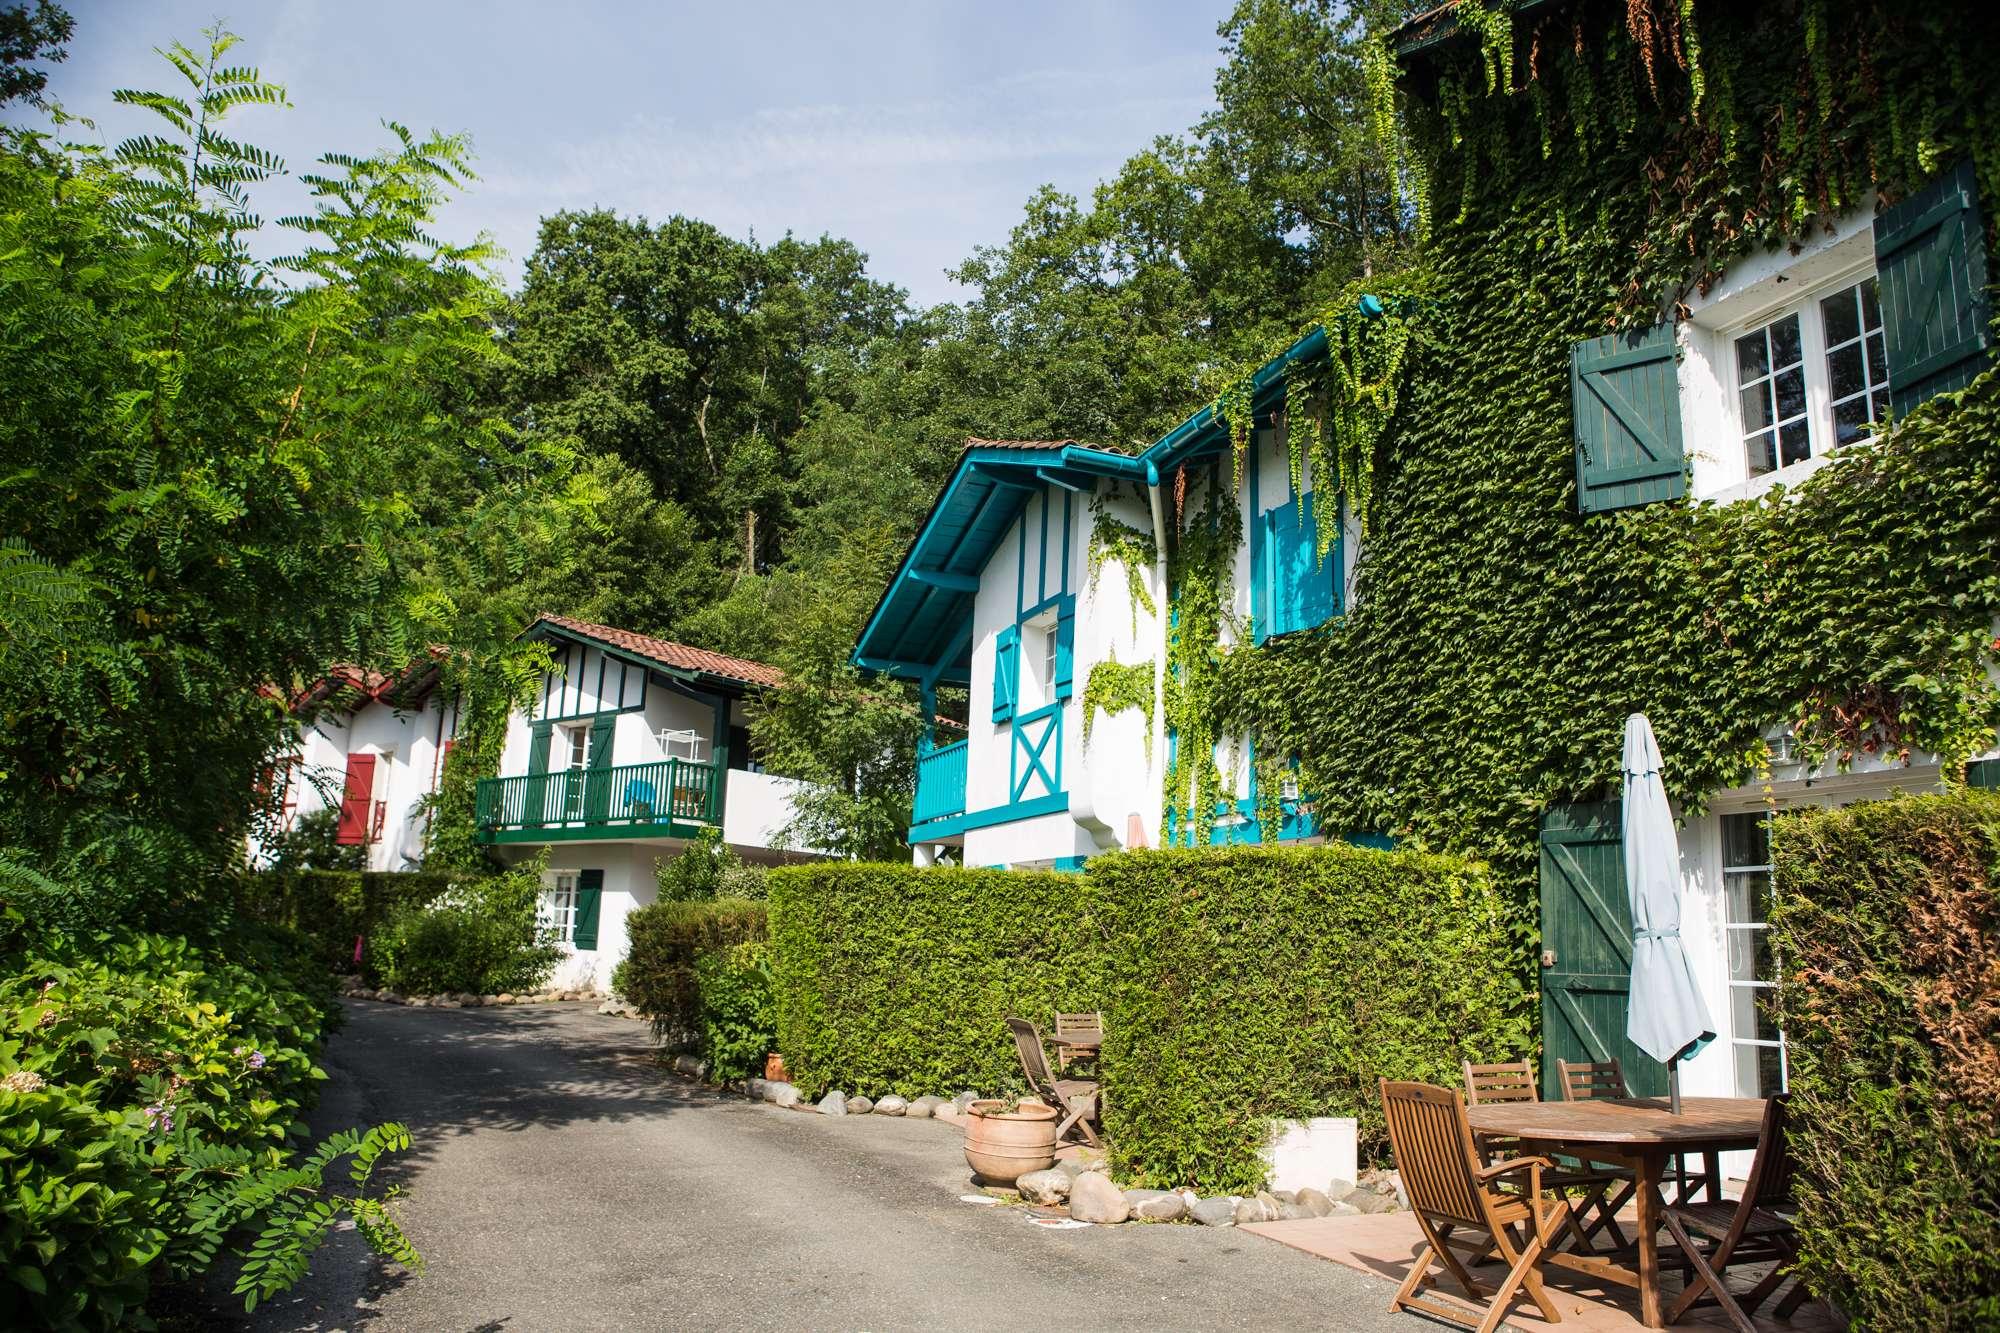 les collines d 39 iduki location de vacances au calme du pays basque. Black Bedroom Furniture Sets. Home Design Ideas